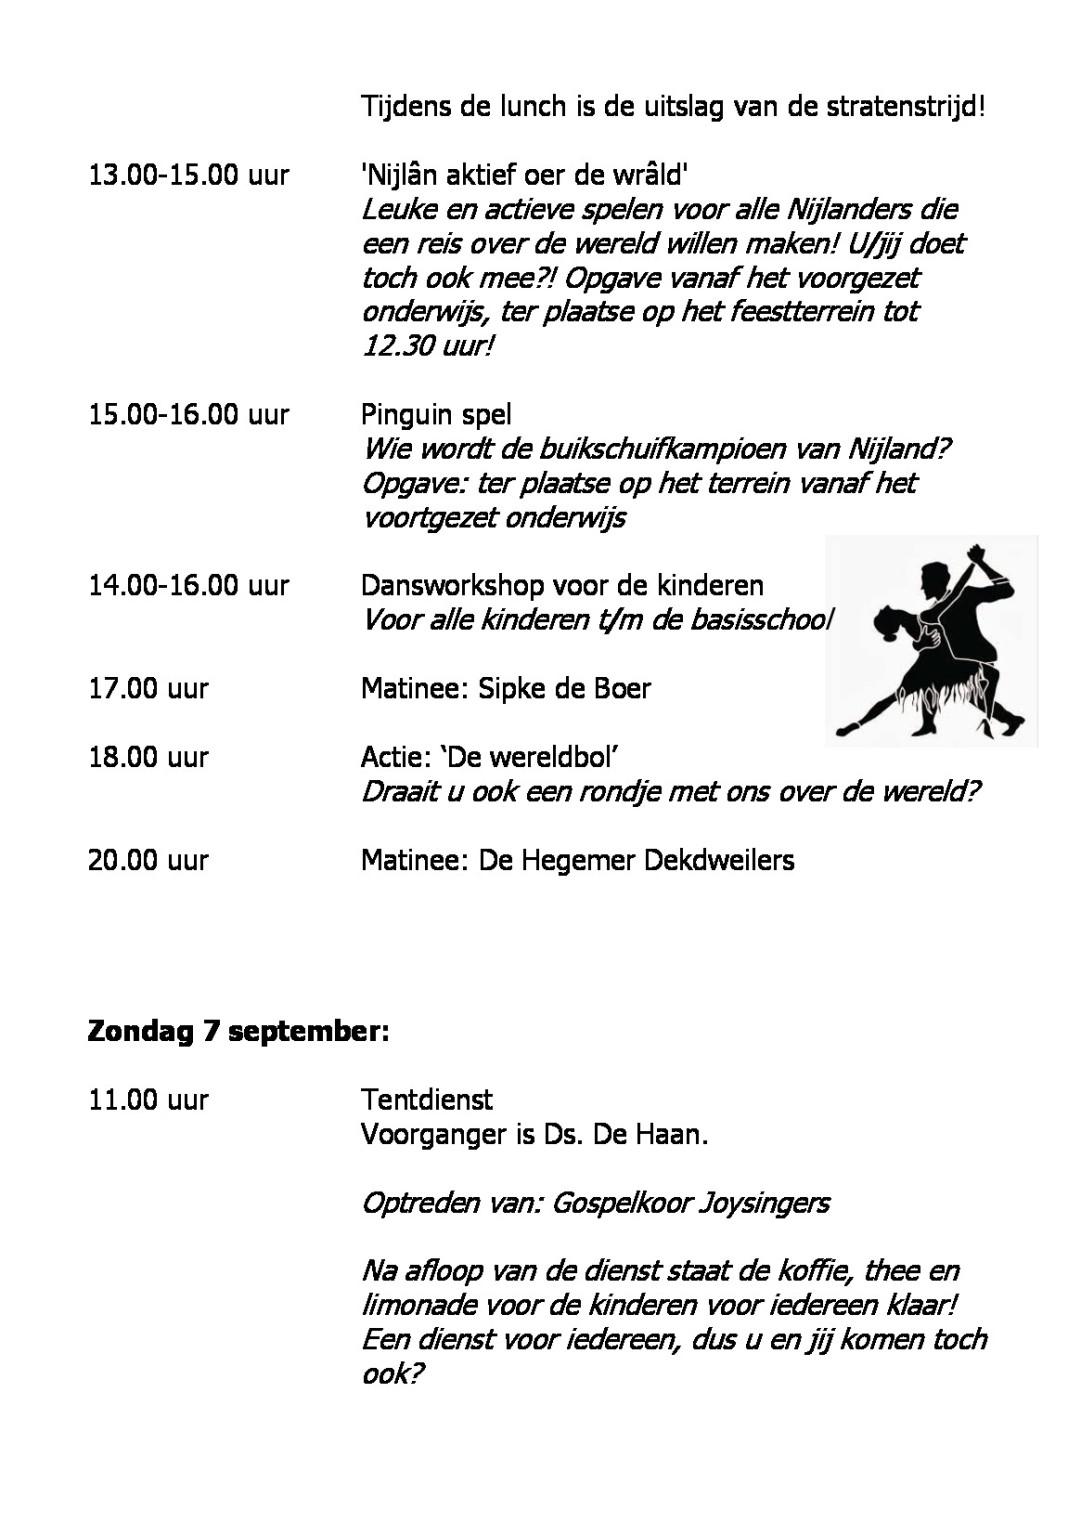 http://www.oranjenijland.nl/wp_oranjenijland/wp-content/uploads/2014/08/540031a00dae3-4-1081x1536.jpg